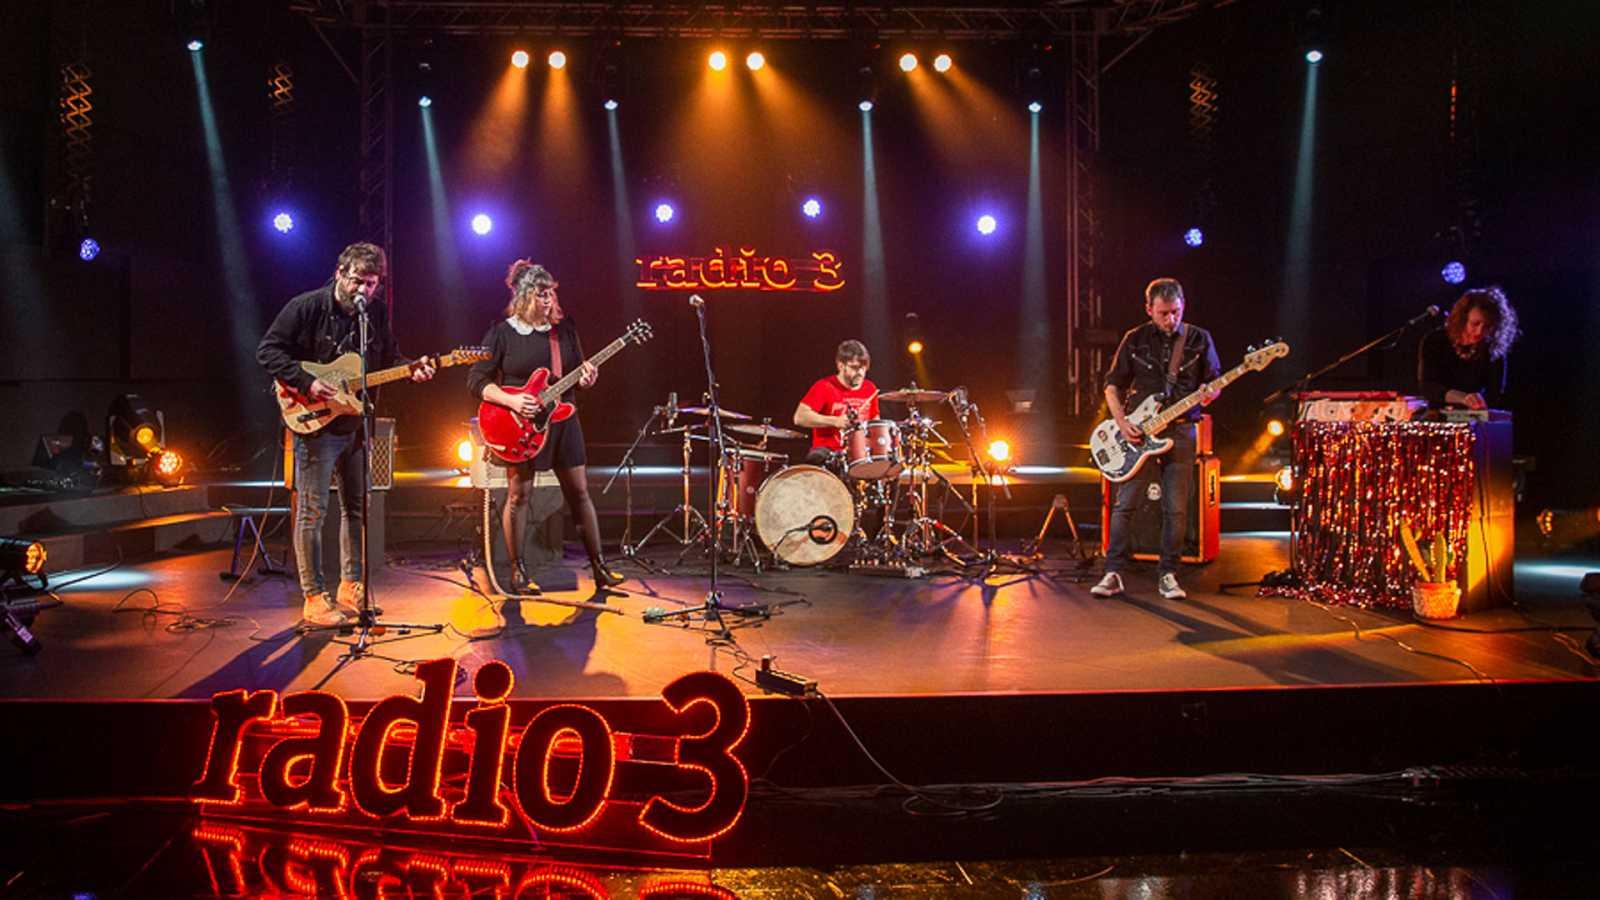 Los conciertos de Radio 3 - Juárez - 24/02/21 - escuchar ahora